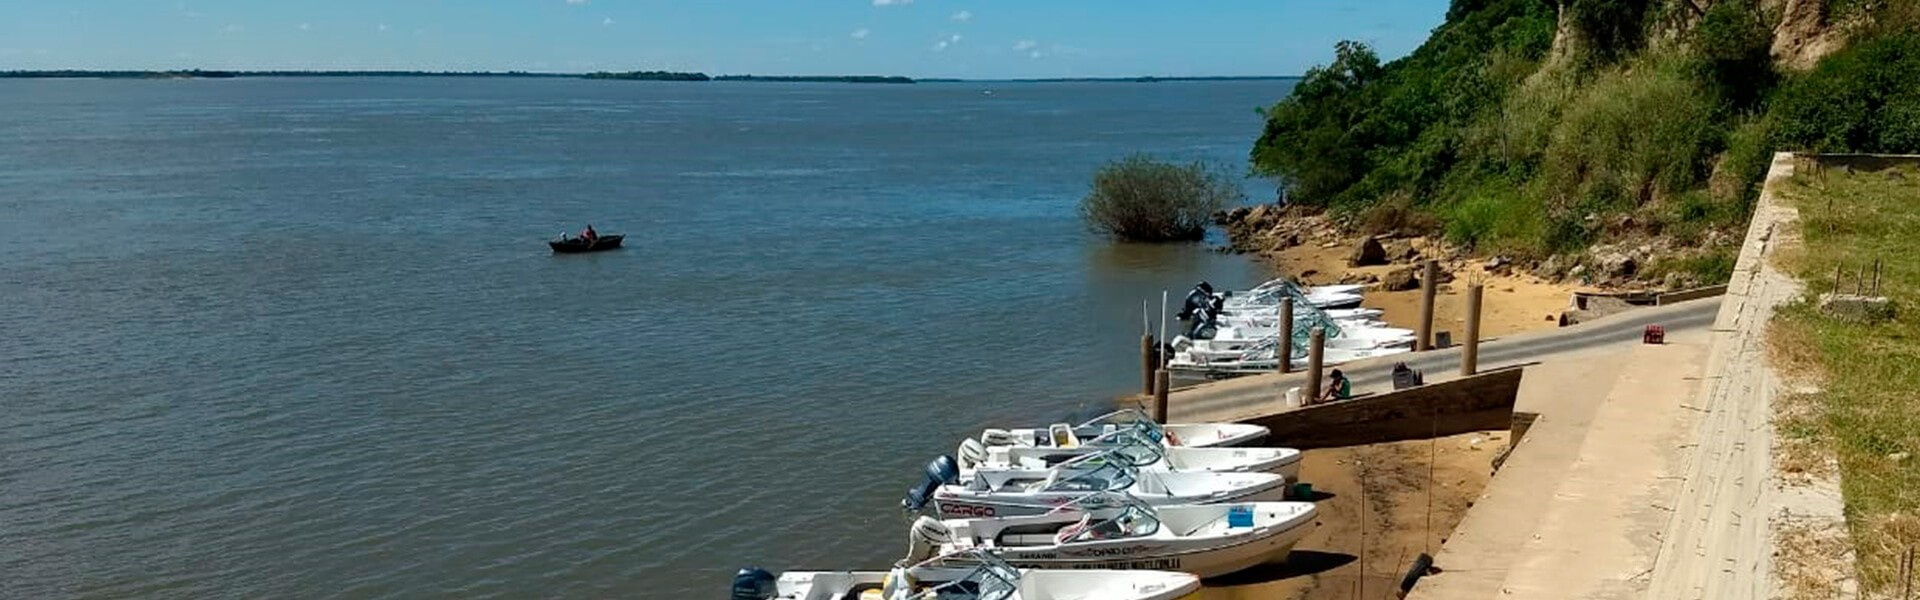 Governador de Corrientes libera o retorno da pesca